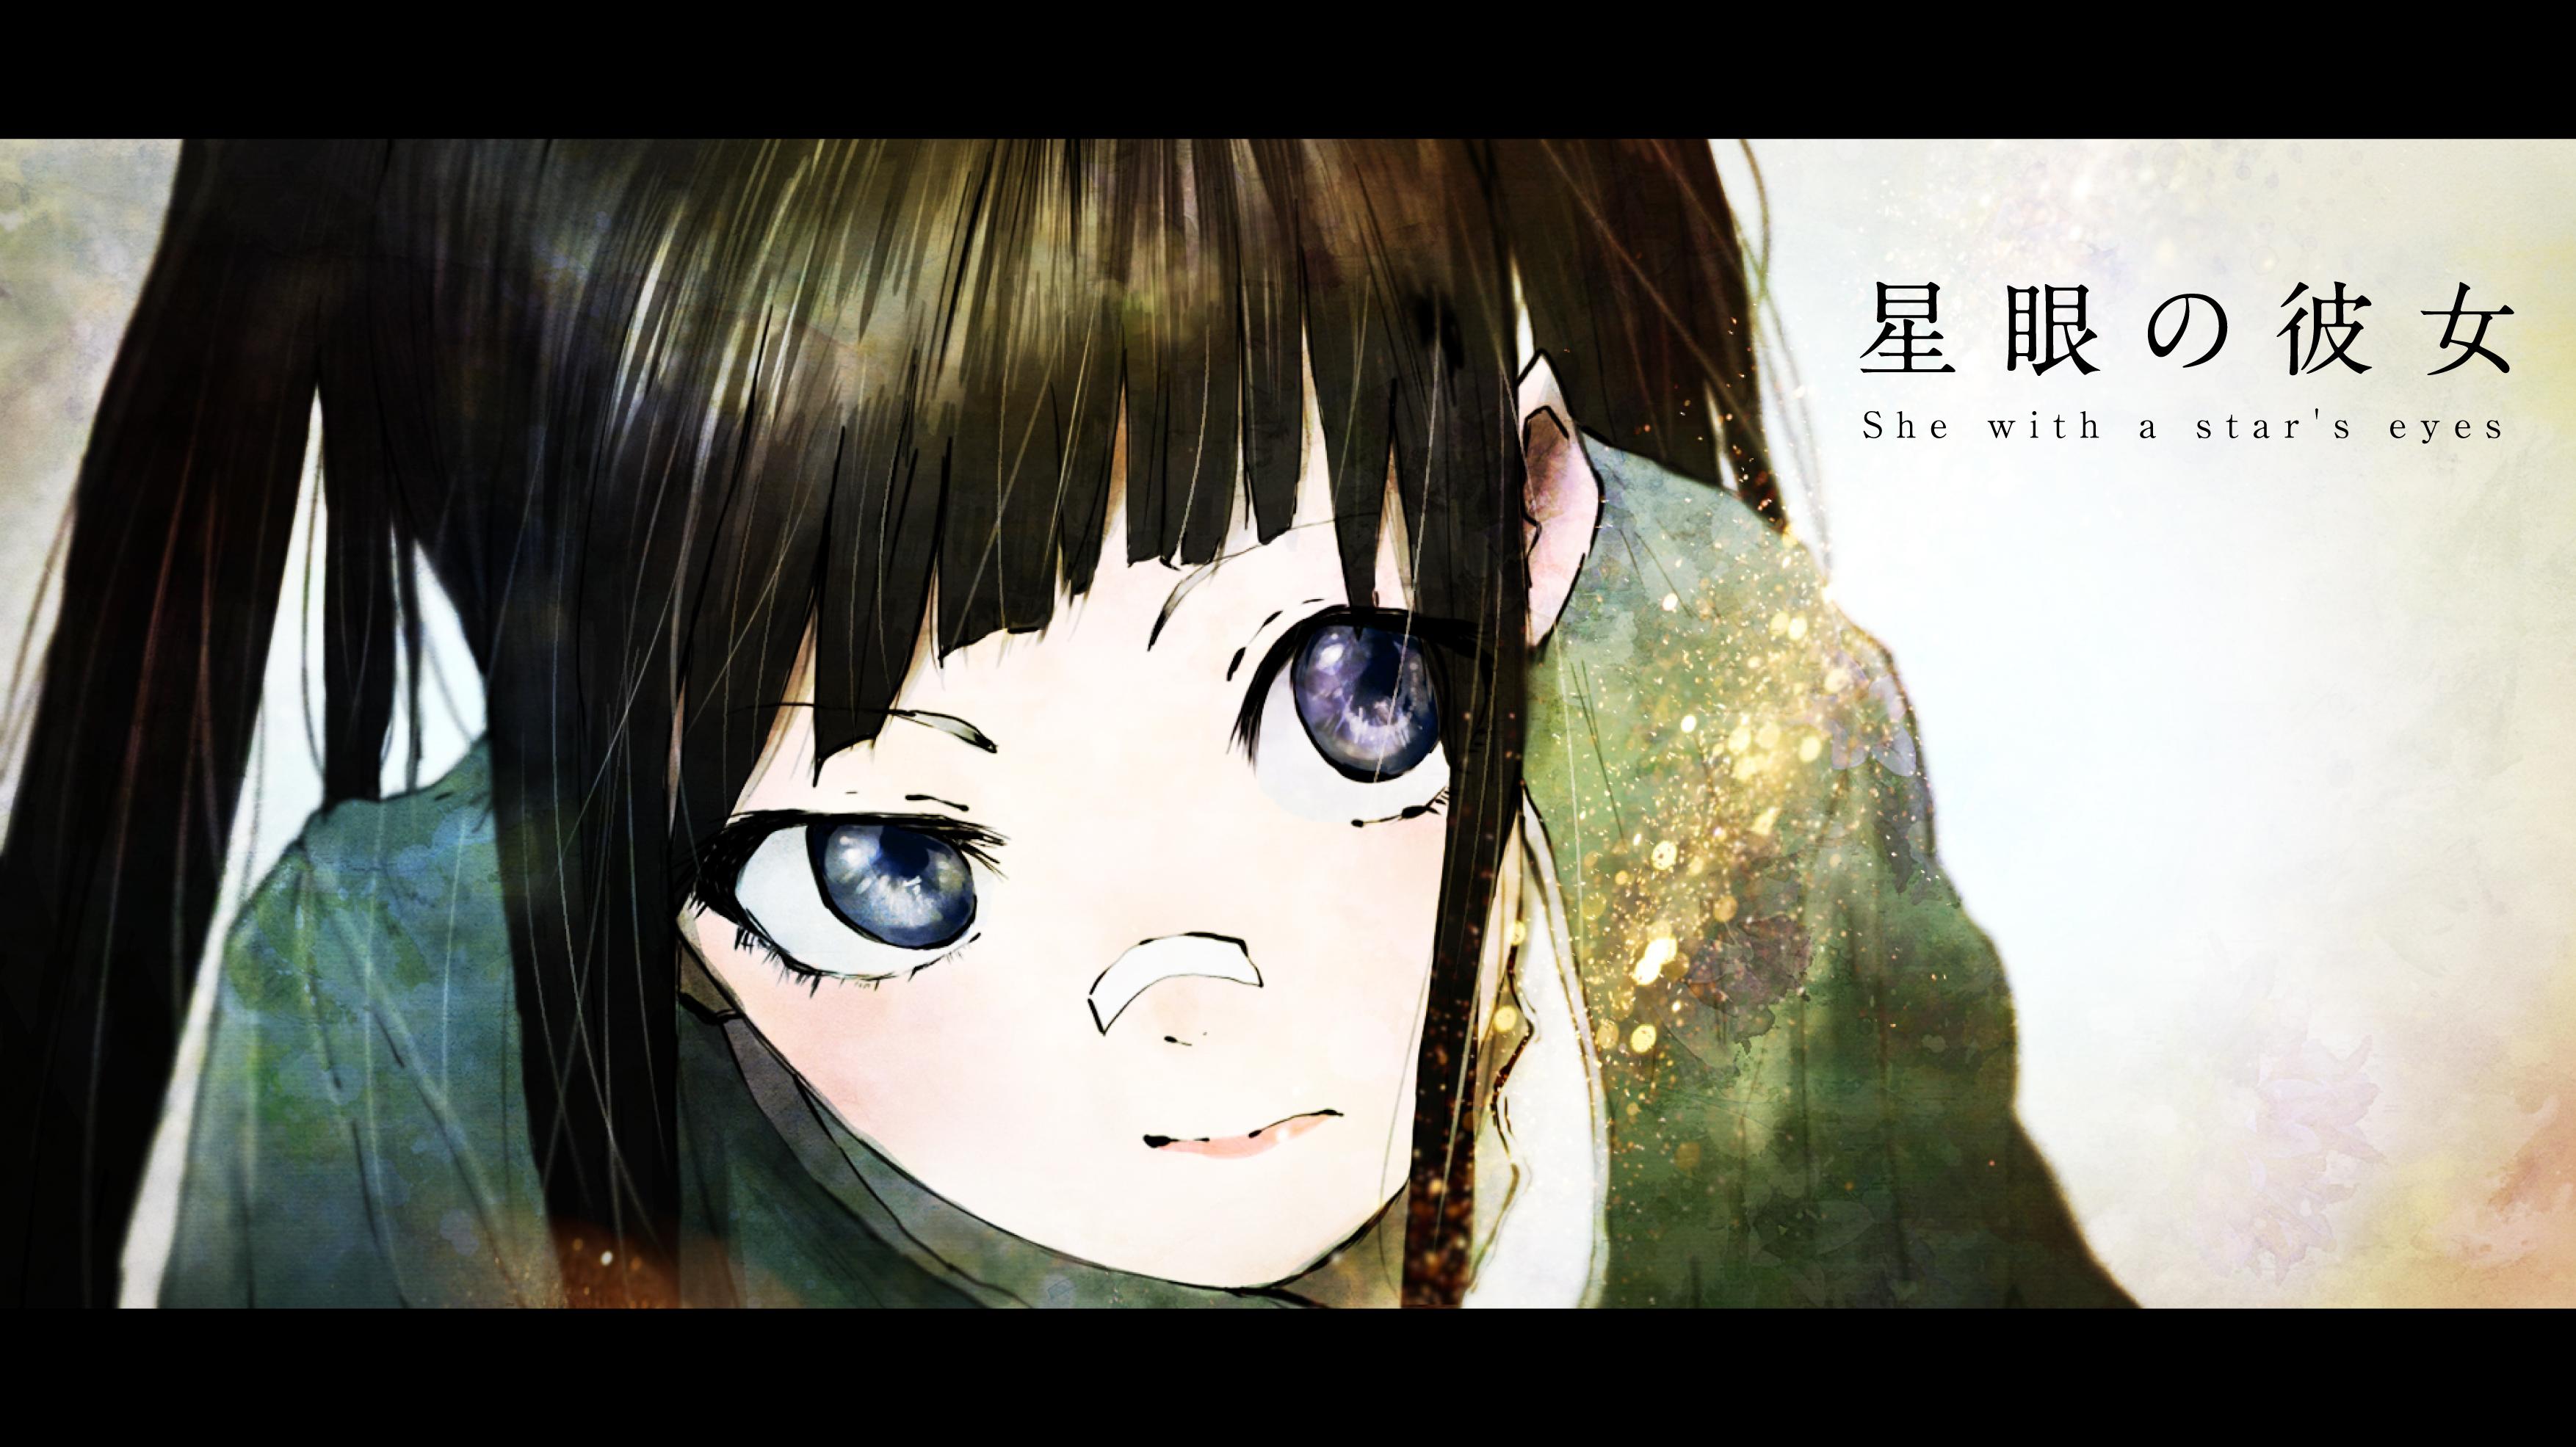 星眼の彼女_宣伝イラスト